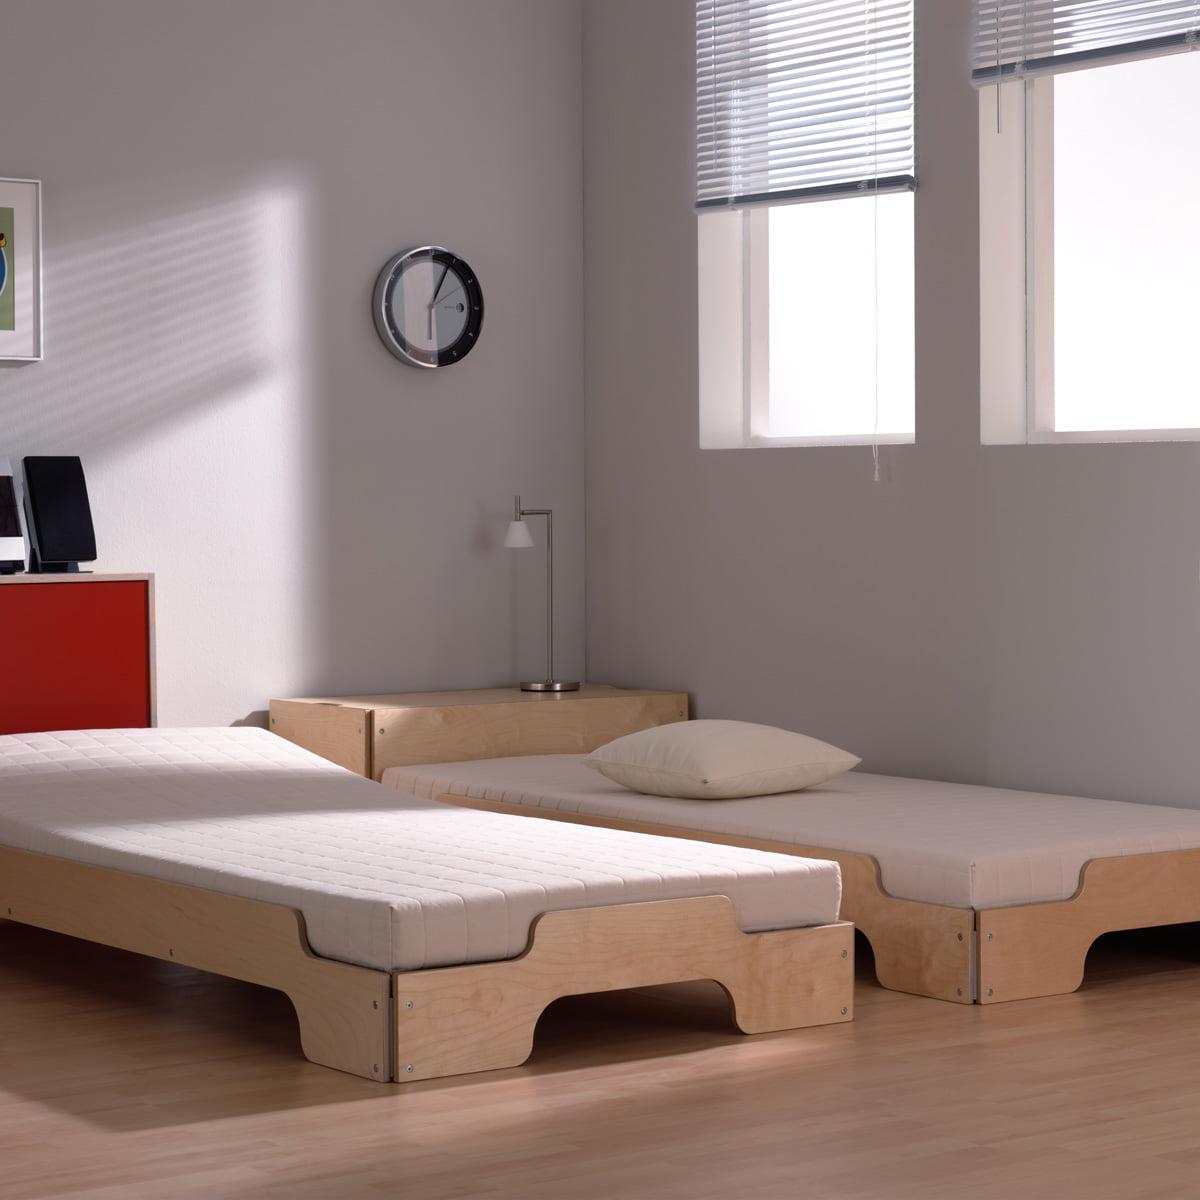 lit empilable en rable rolf heide. Black Bedroom Furniture Sets. Home Design Ideas